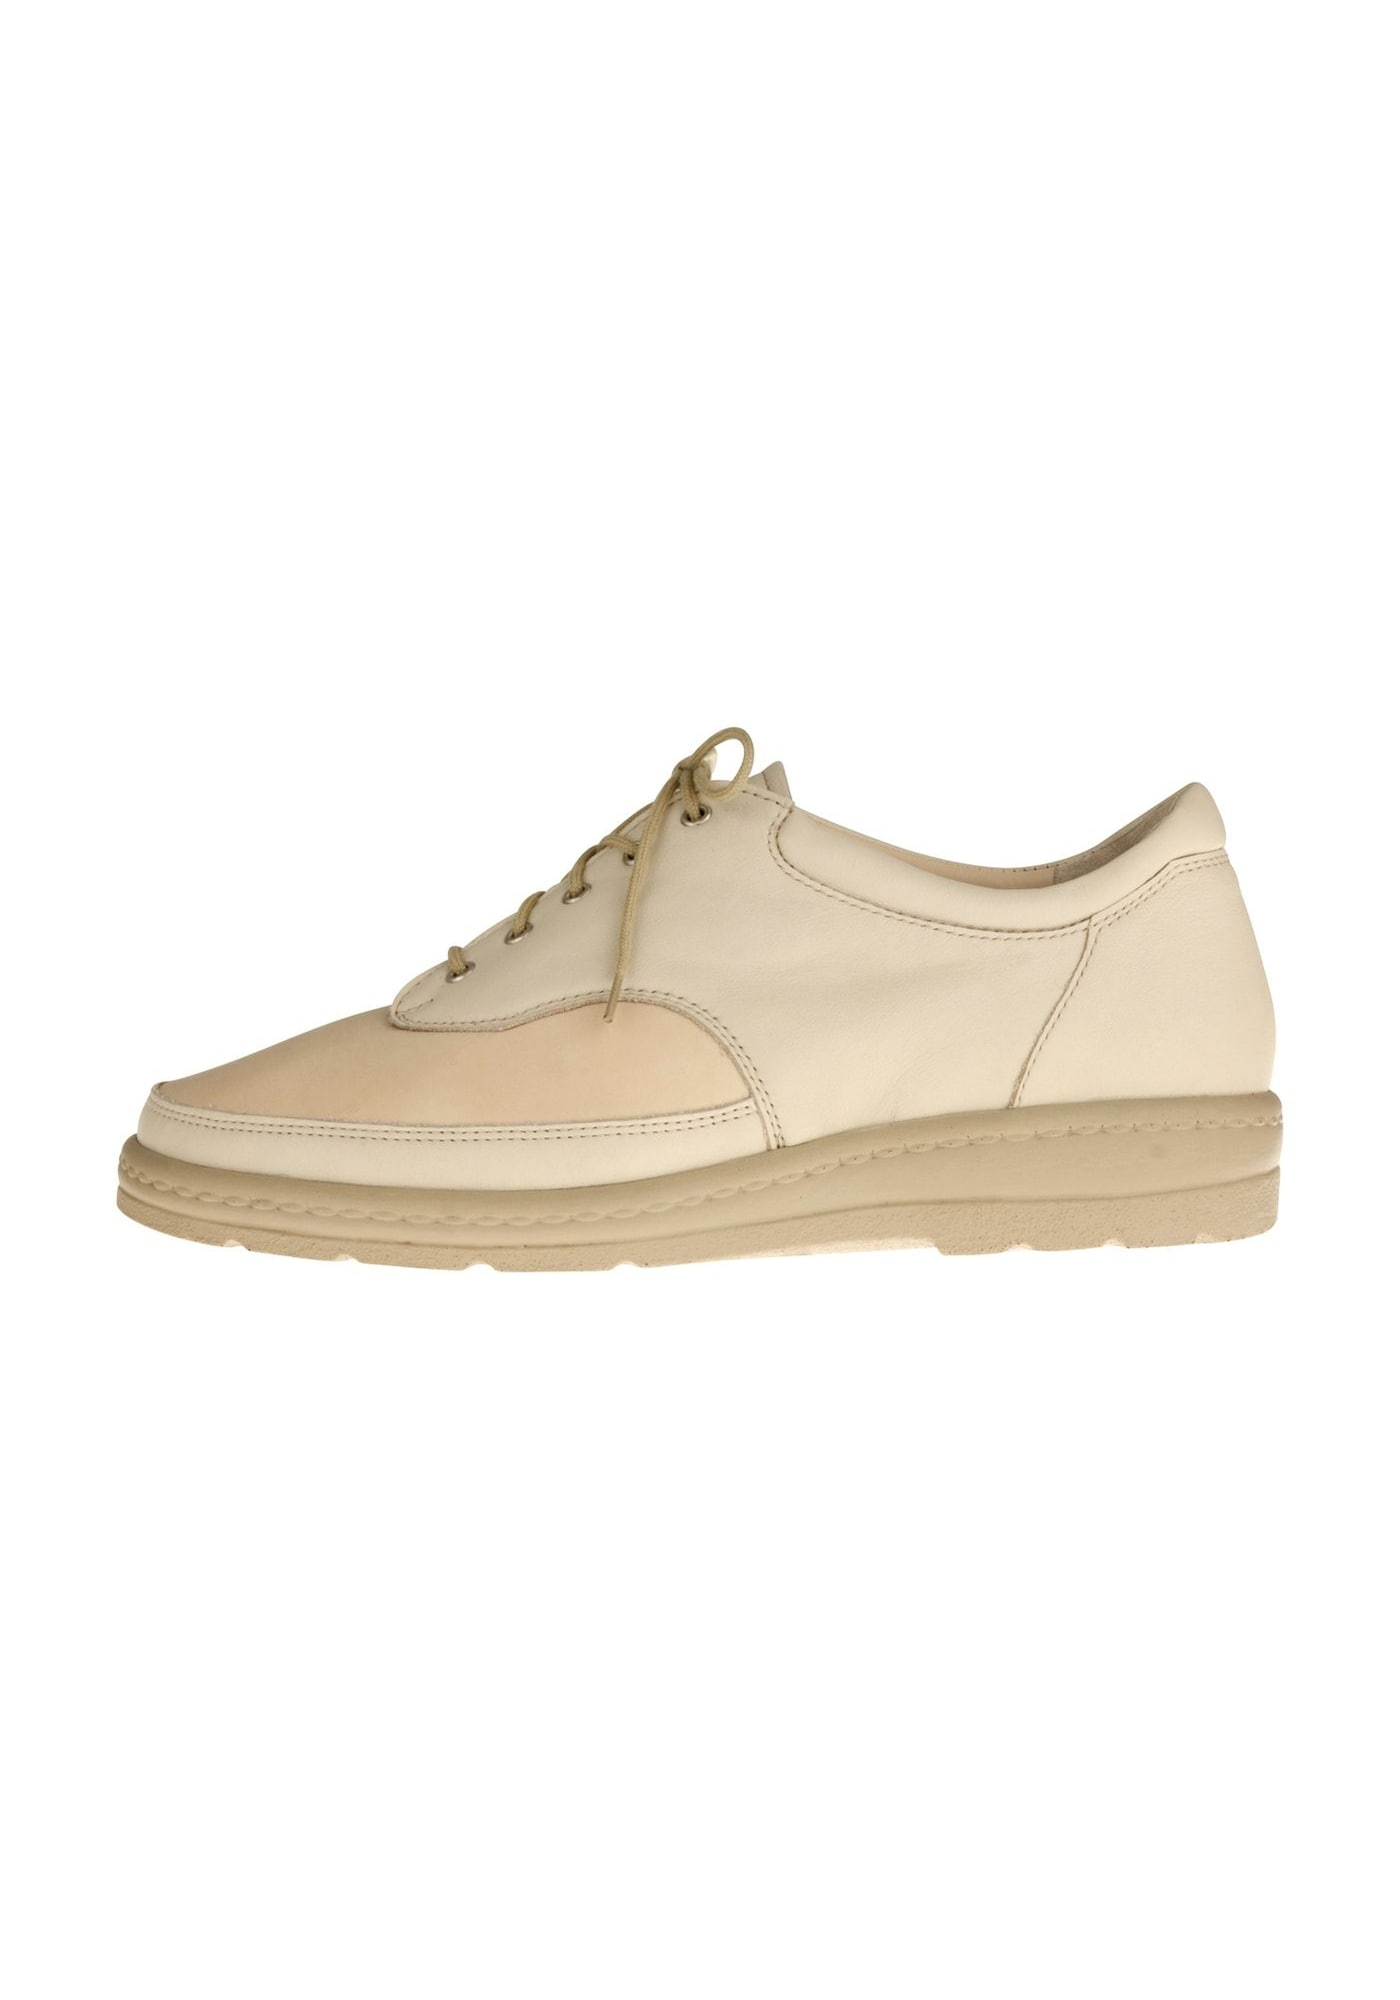 natural feet - Schnürschuh 'Paris' mit komfortabler J-Weite